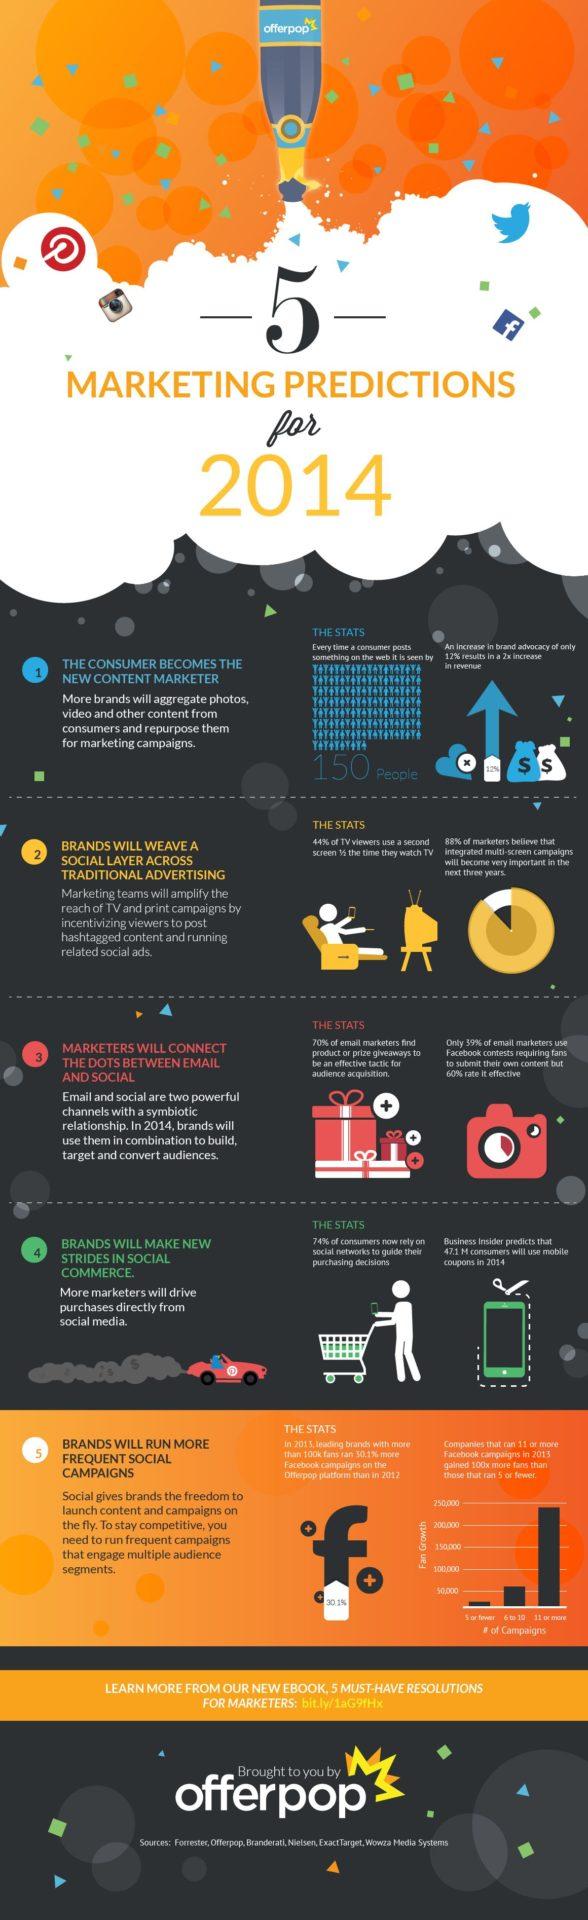 5 prévisions marketing pour 2014